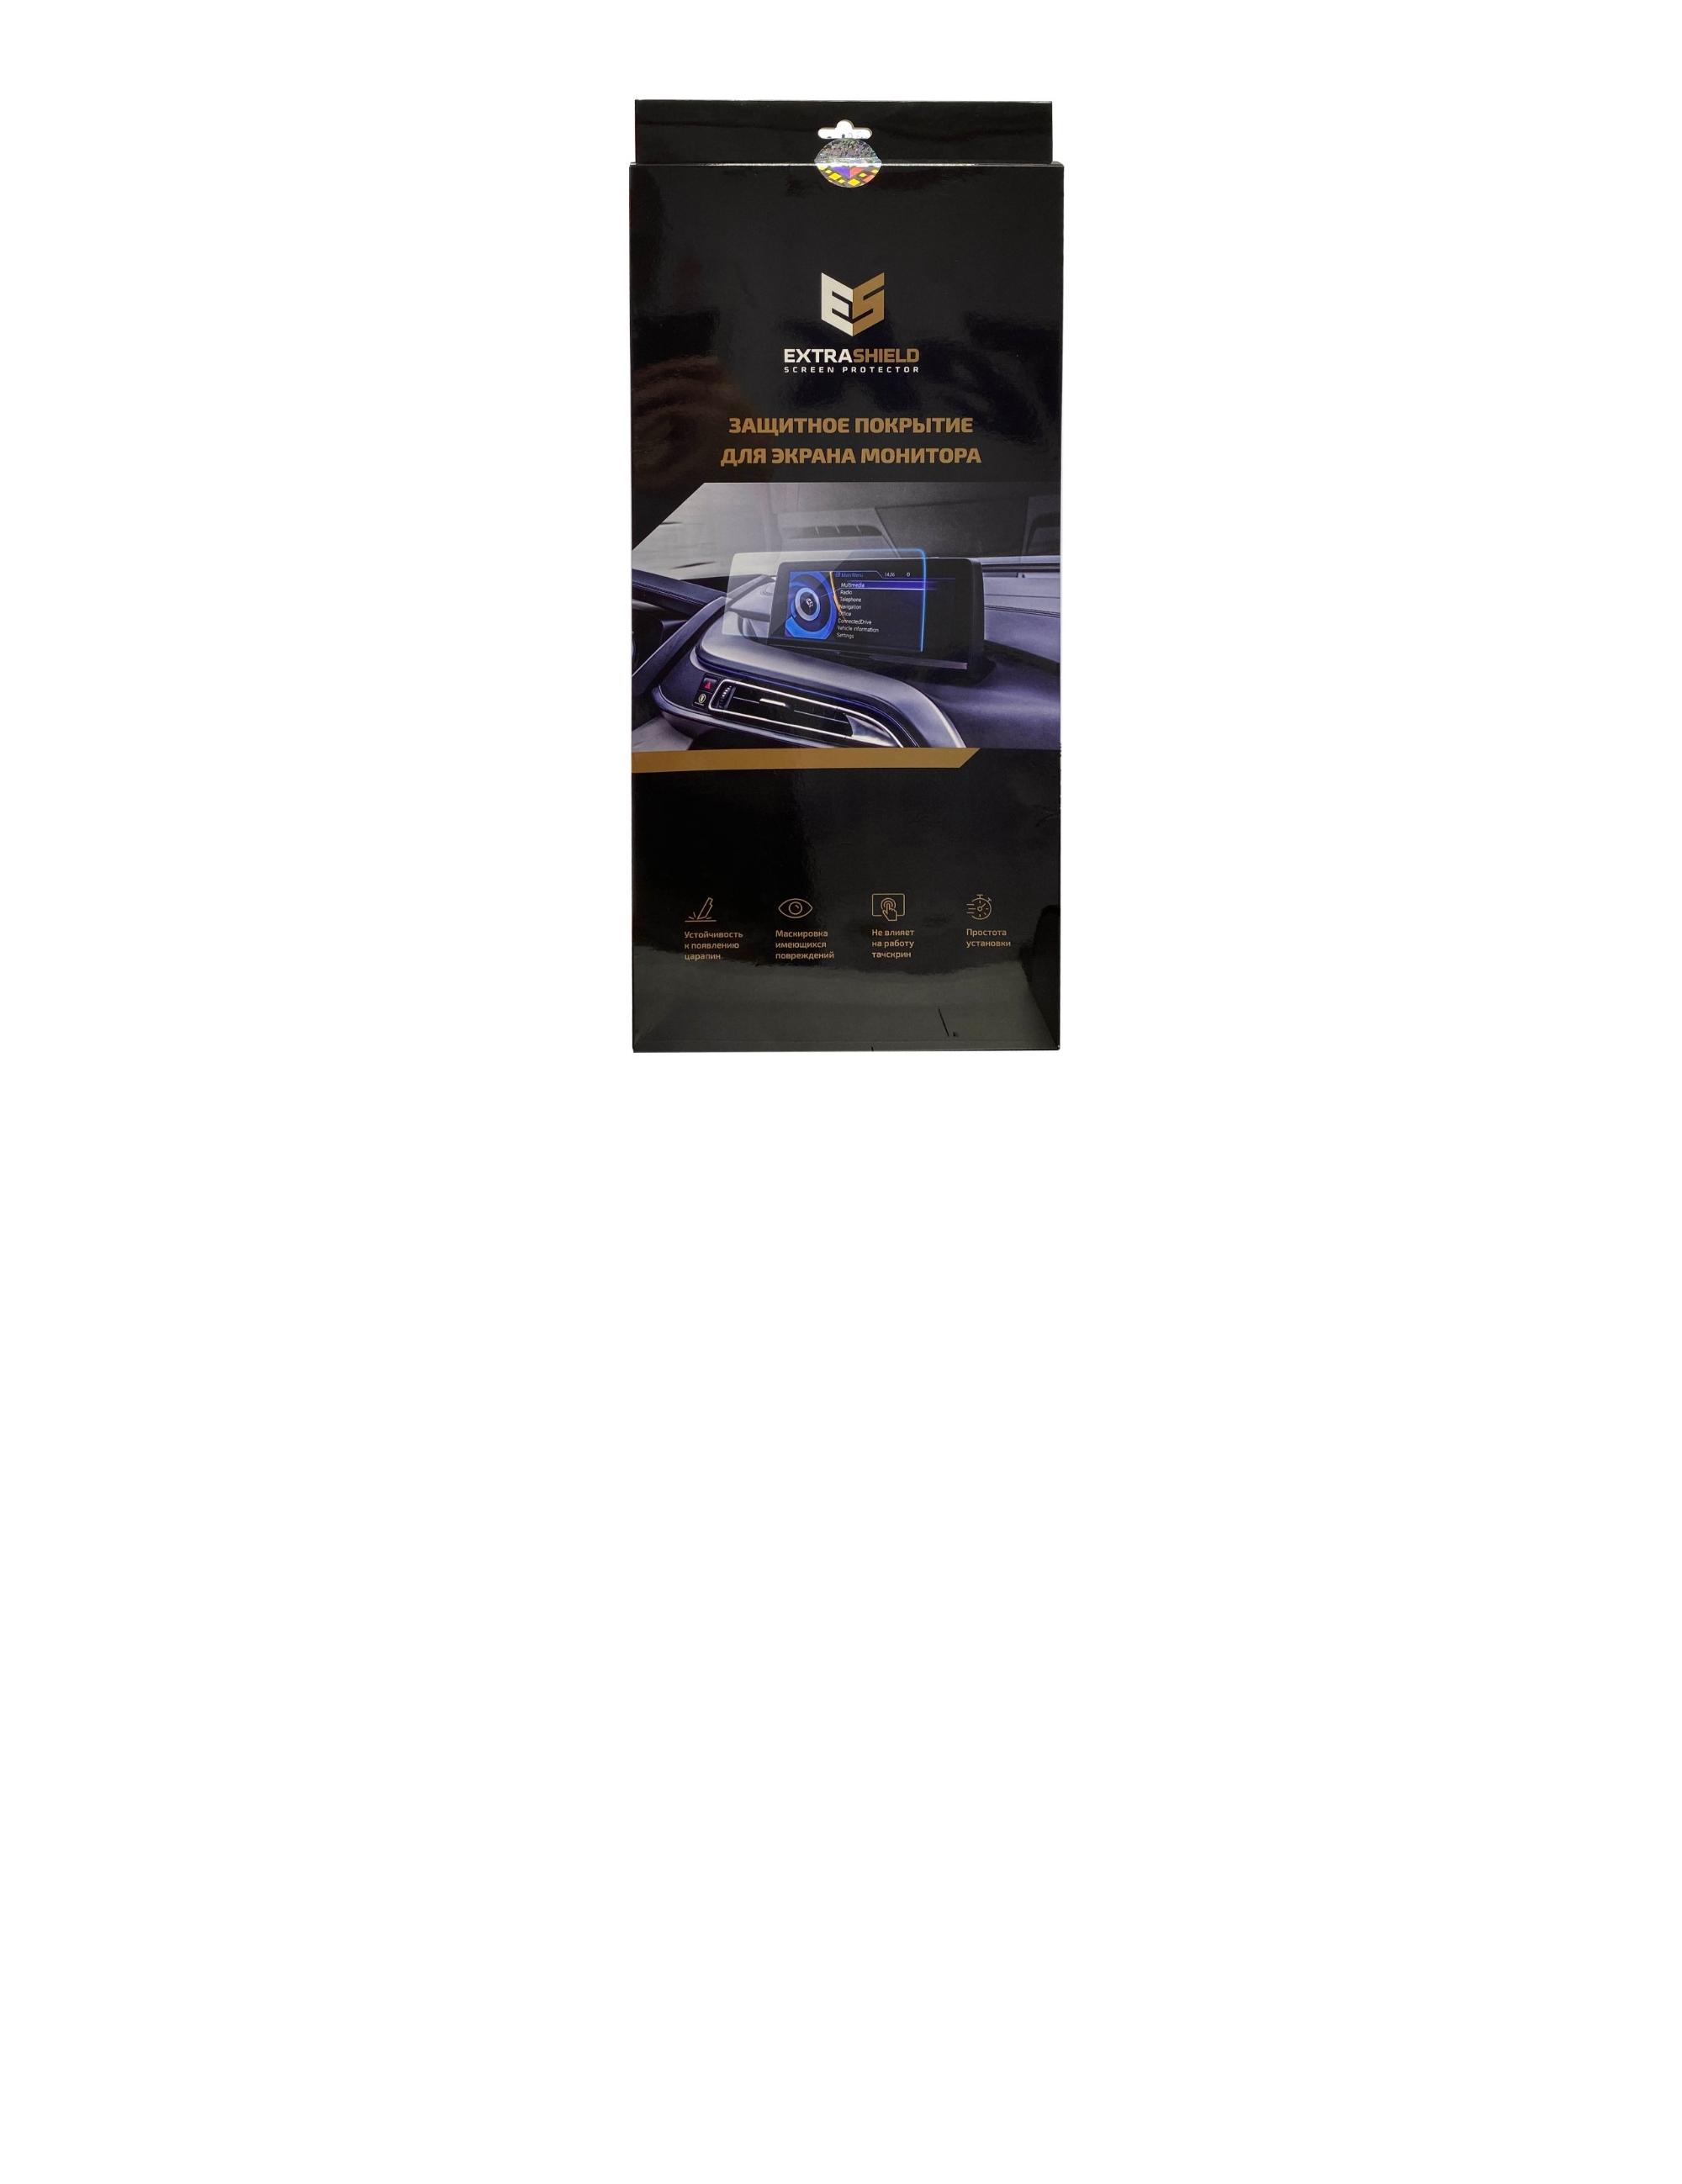 Bentley Mulsanne 2016 - н.в. задние мониторы 9 Статическая пленка Матовая